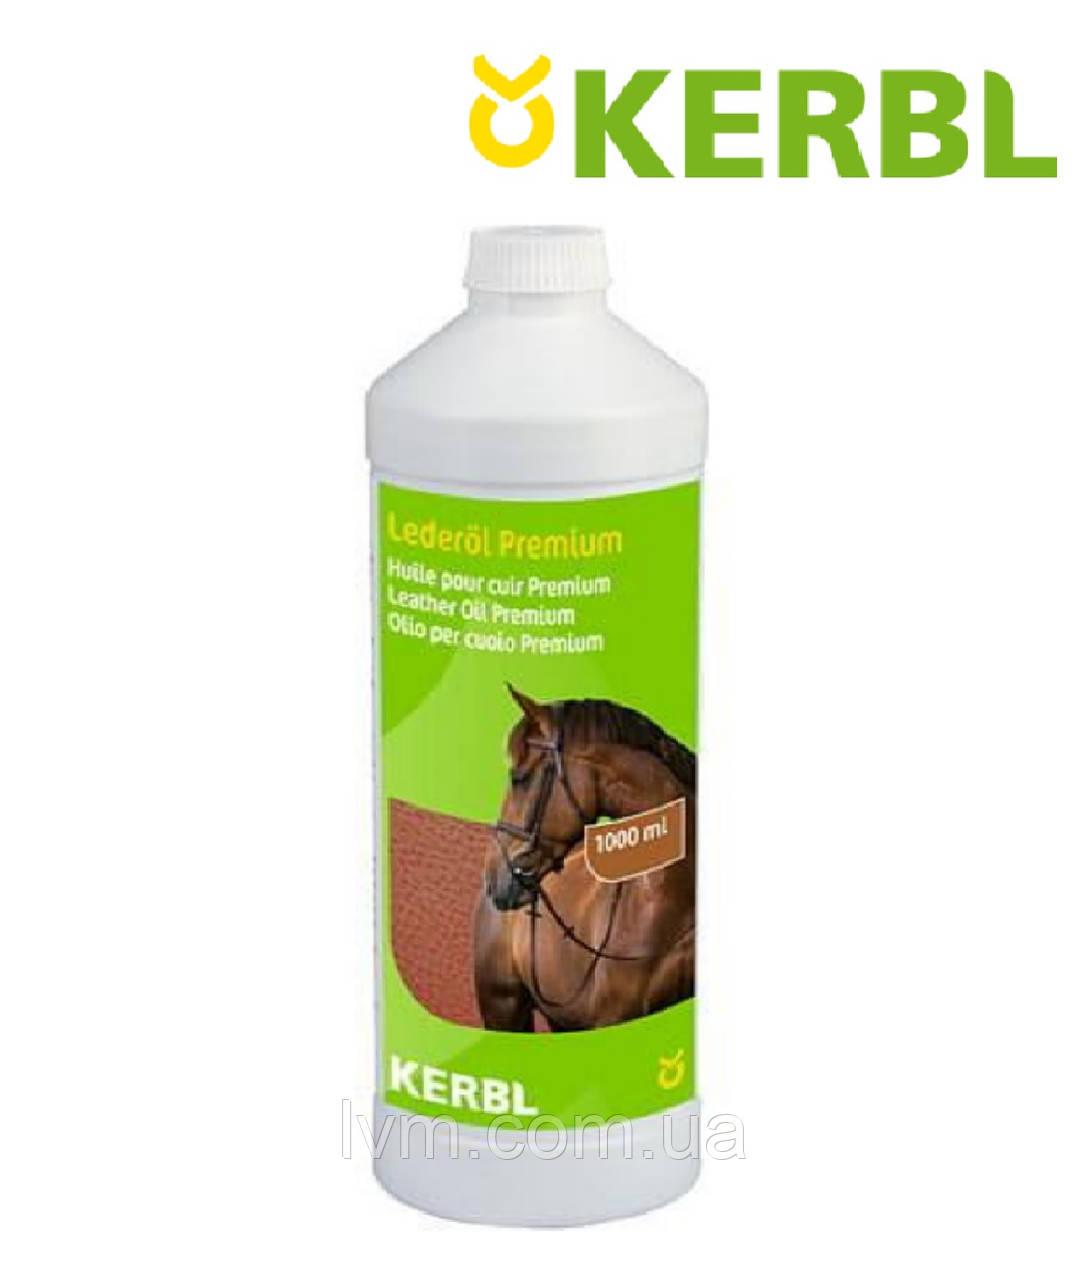 Масло c пчелиным воском 1л LEDERÖL, для натирания кожаных изделий и амуниции KERBL (Германия)